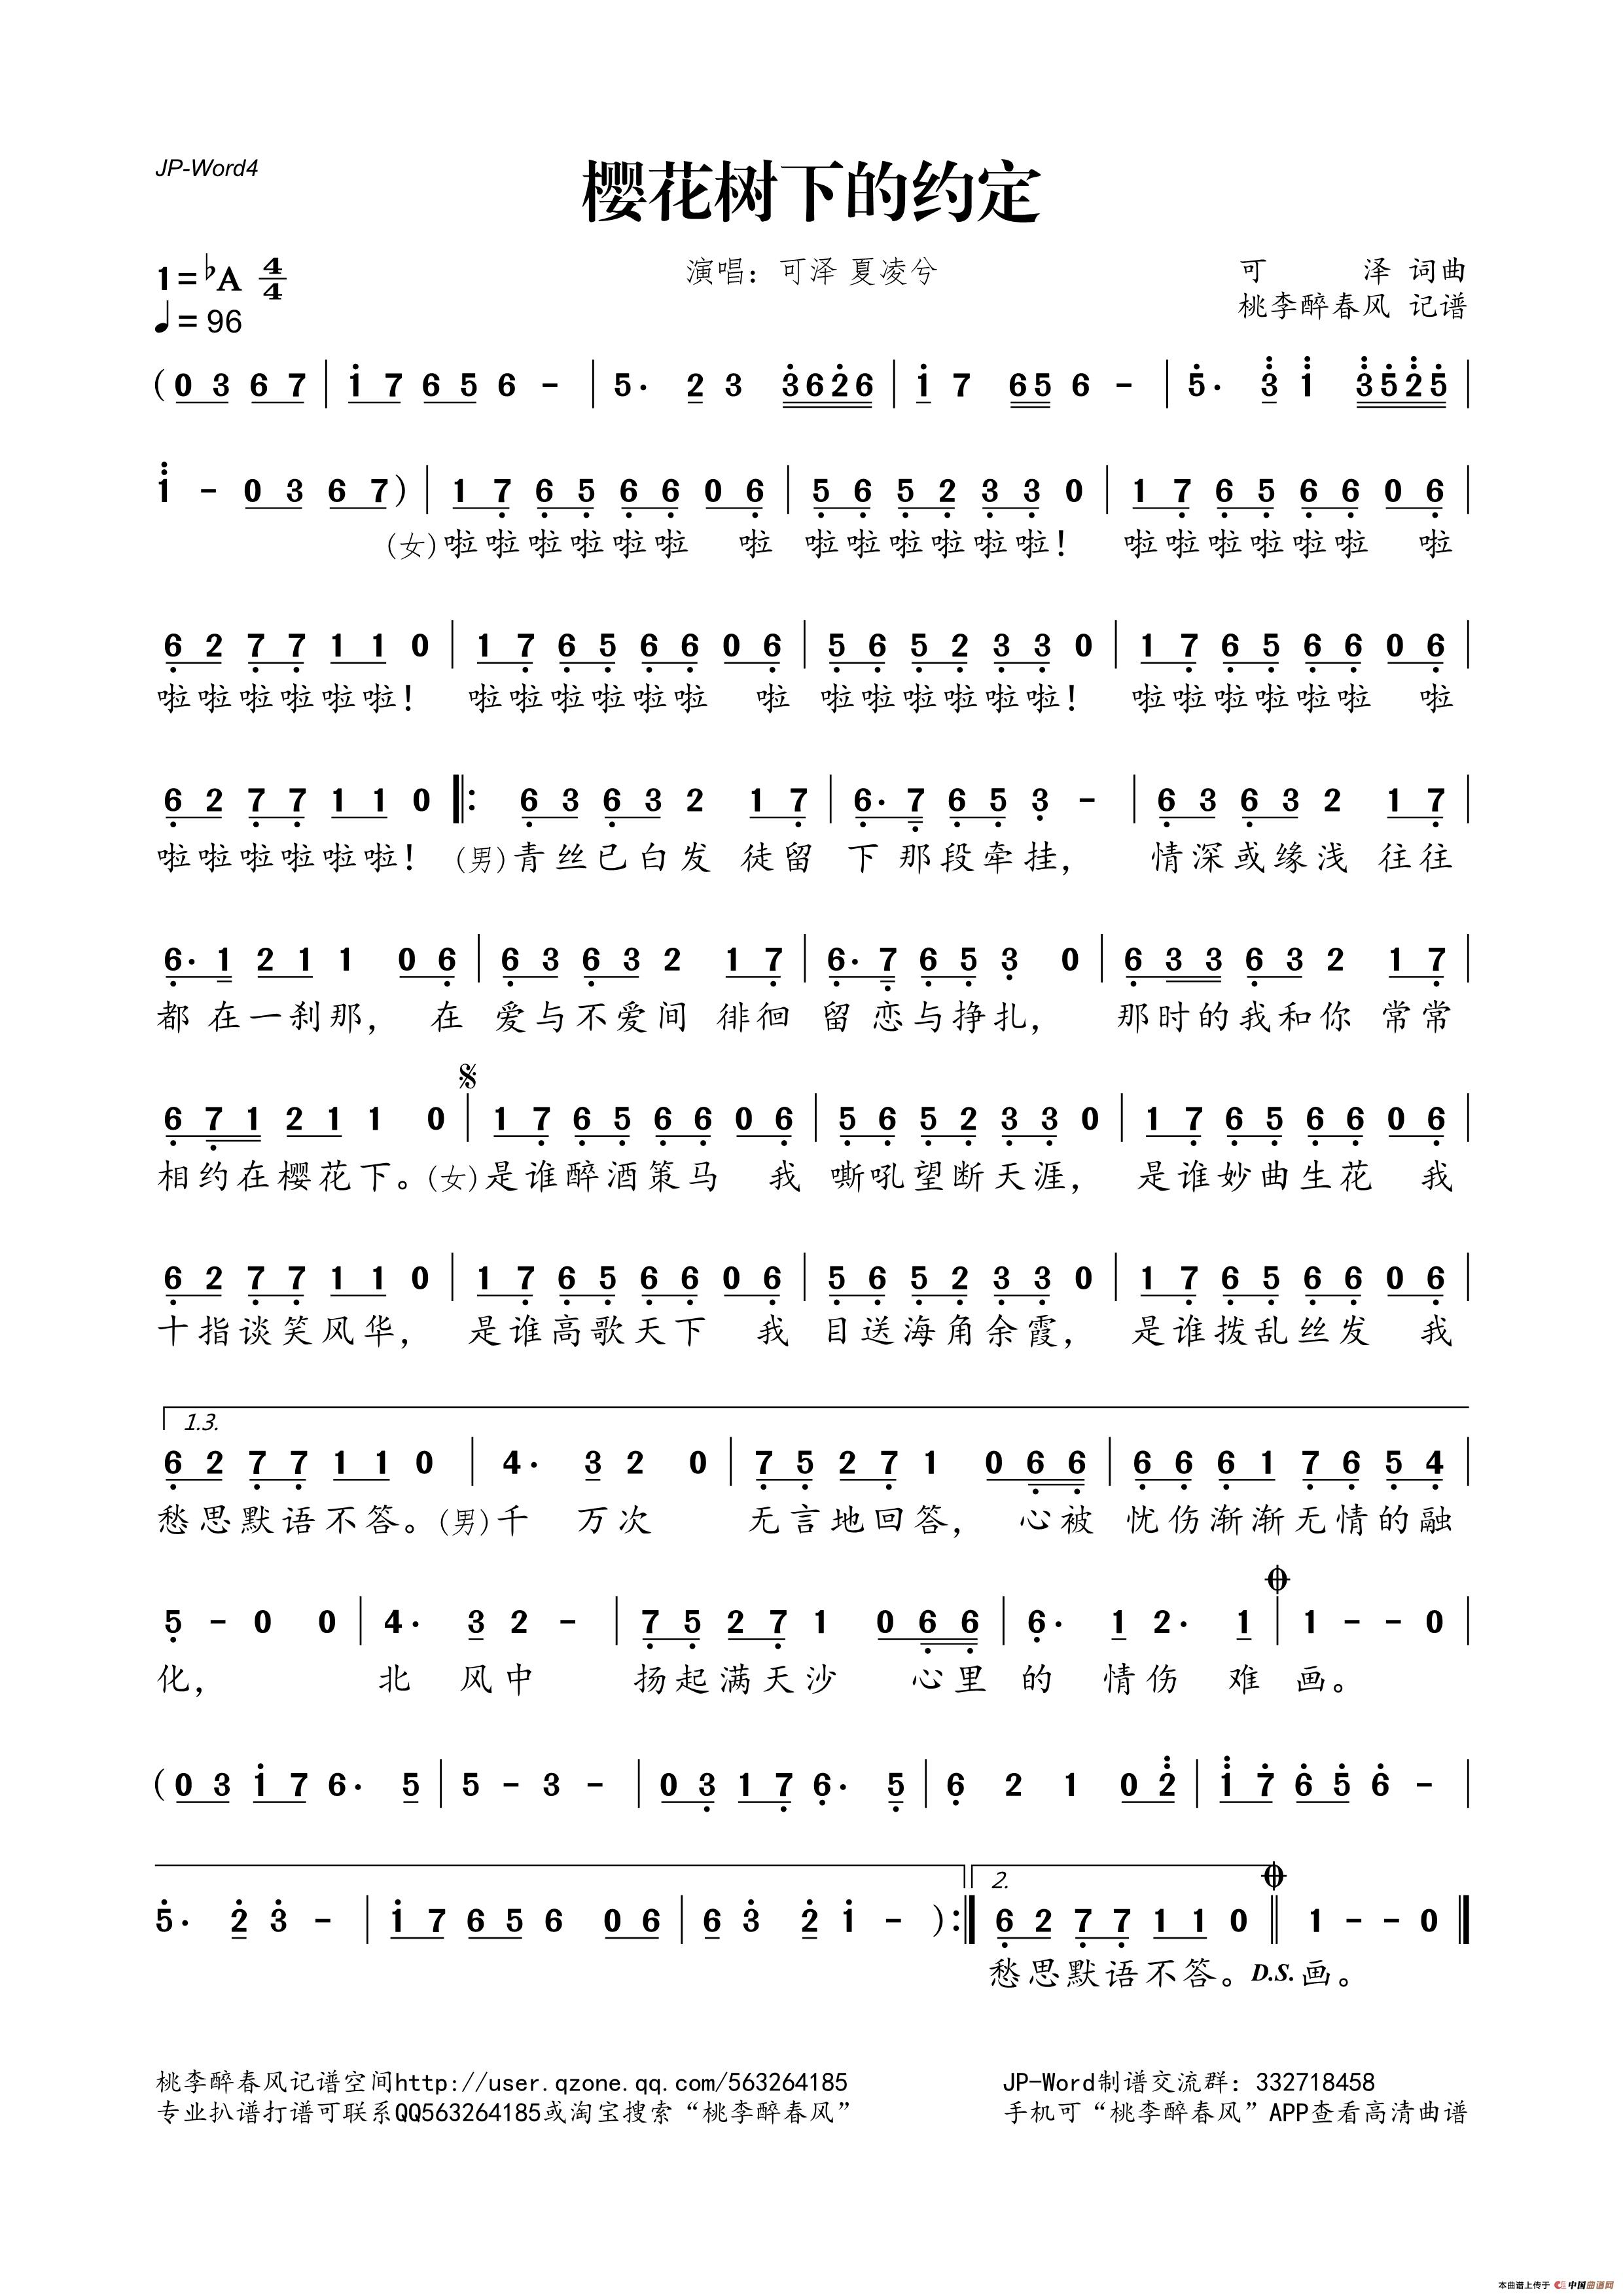 樱花树下的约定(1)_原文件名:樱花树下的约定.png